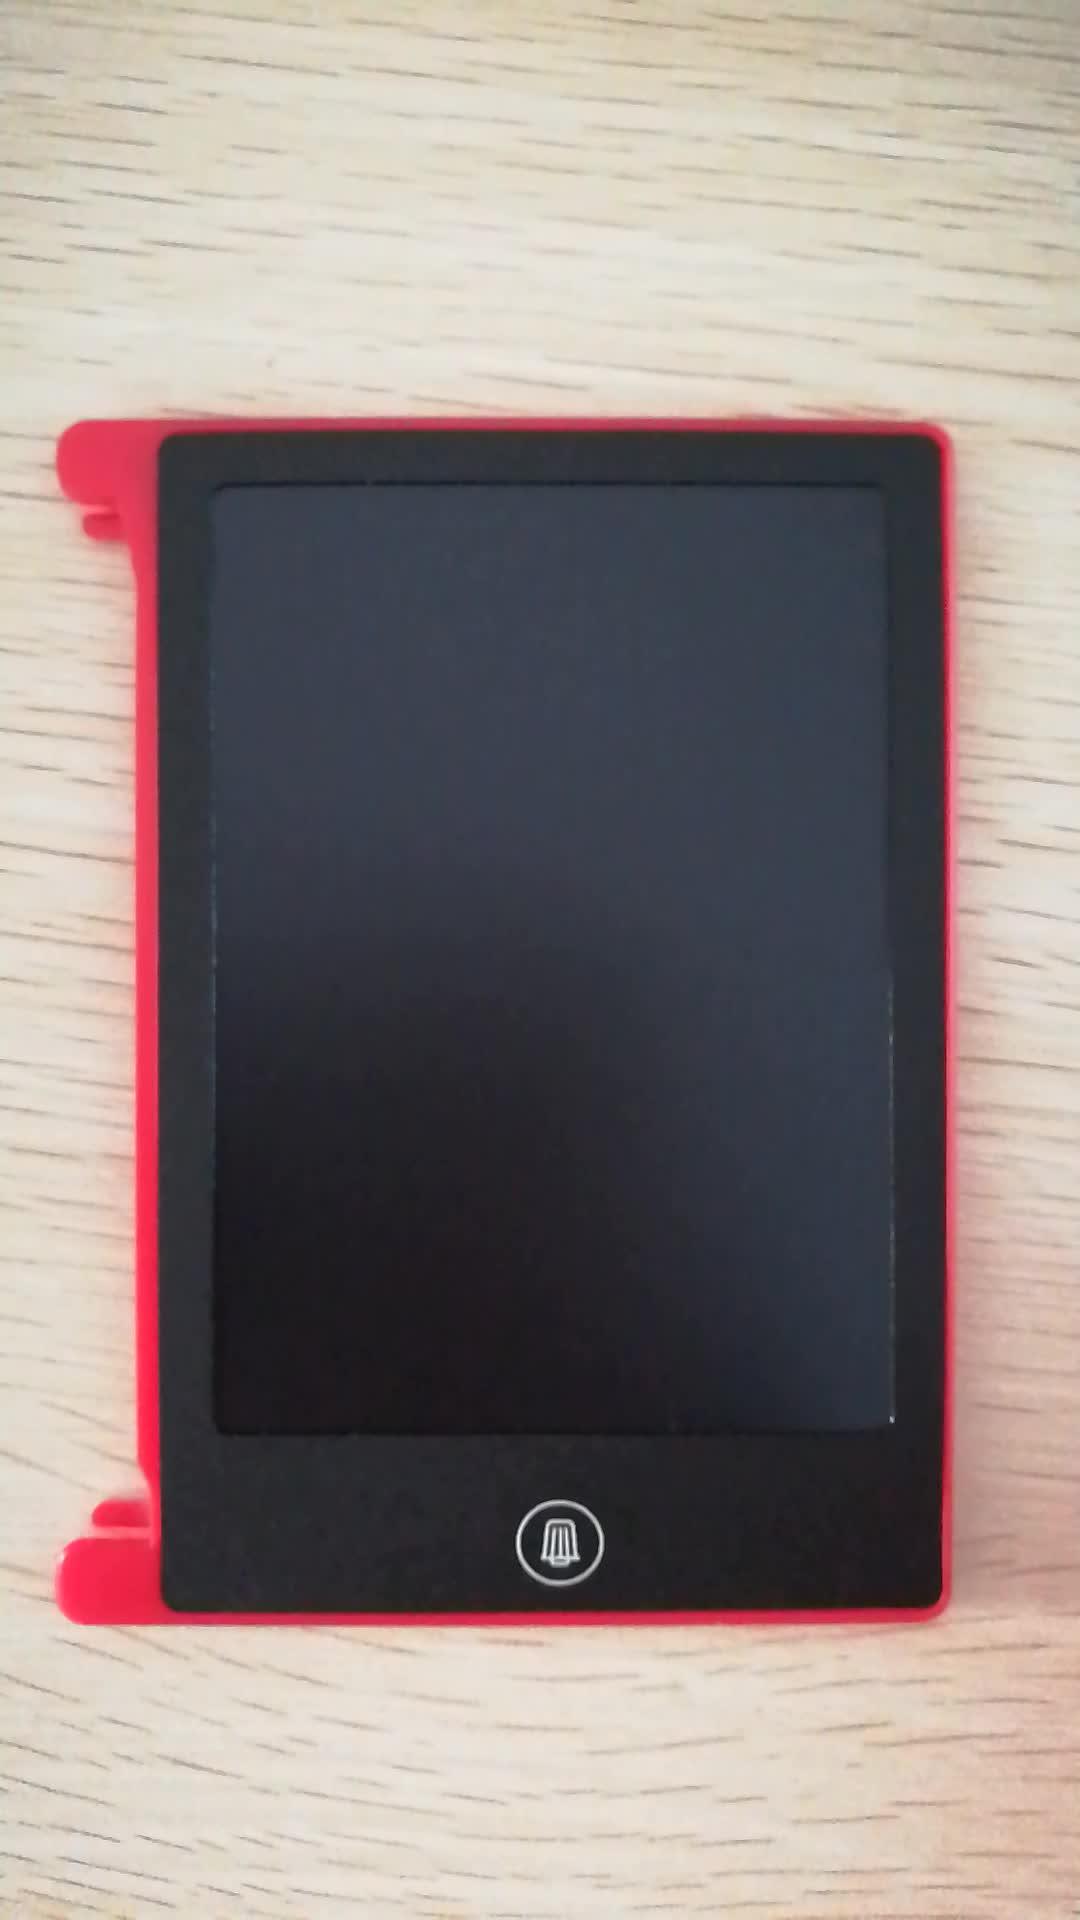 Sample Gratis Tekening Tablet Draadloze Wacom Pen Goedkope Kids Studie Schrijven Tablet Board Met Stylus Voor Schrijven En Schilderen